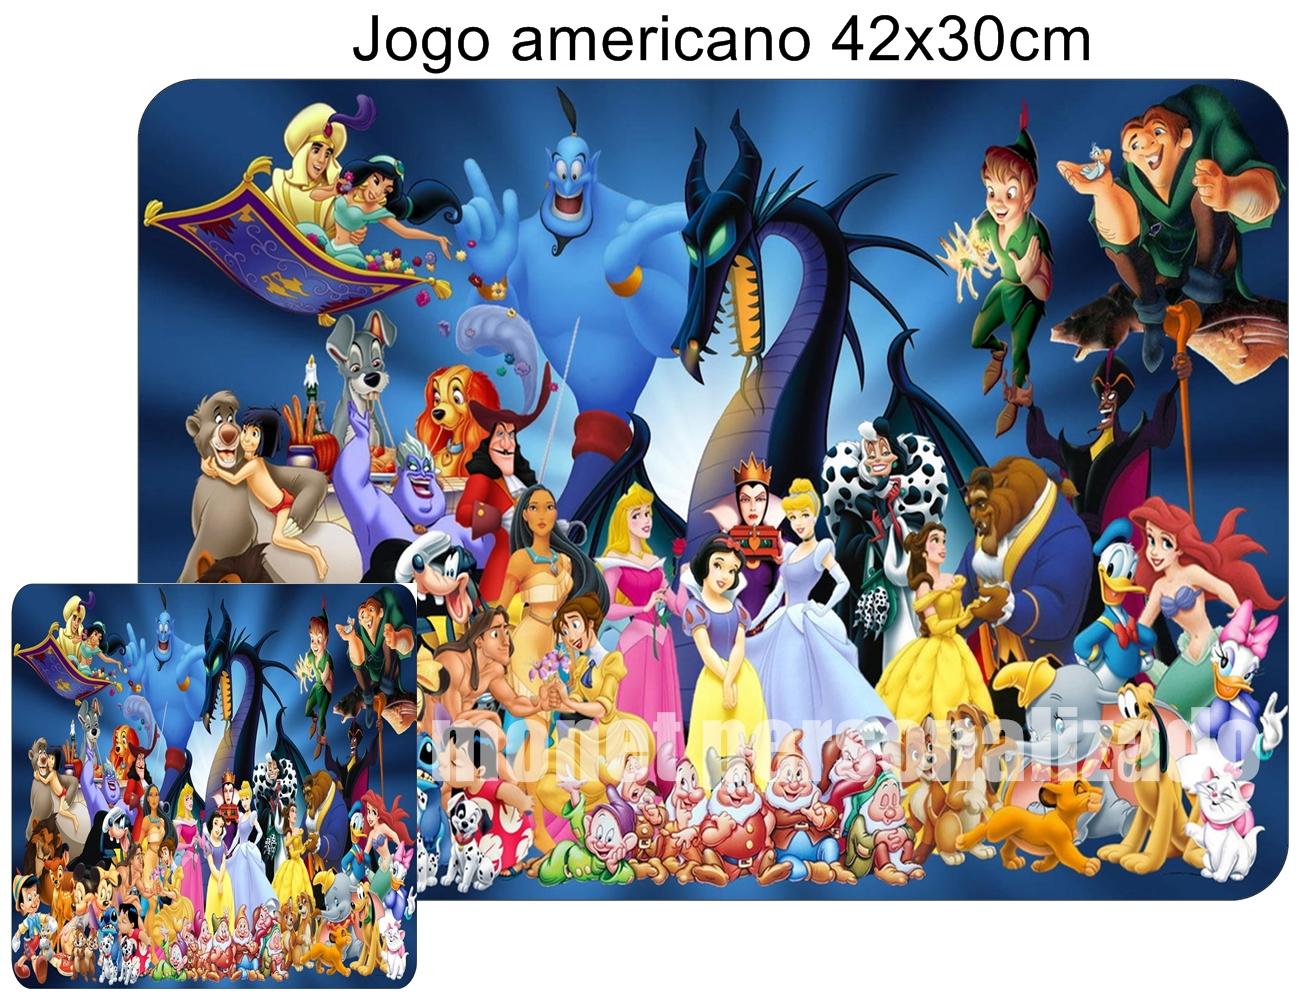 8f14b3610e JOGO AMERICANO G - DISNEY no Elo7